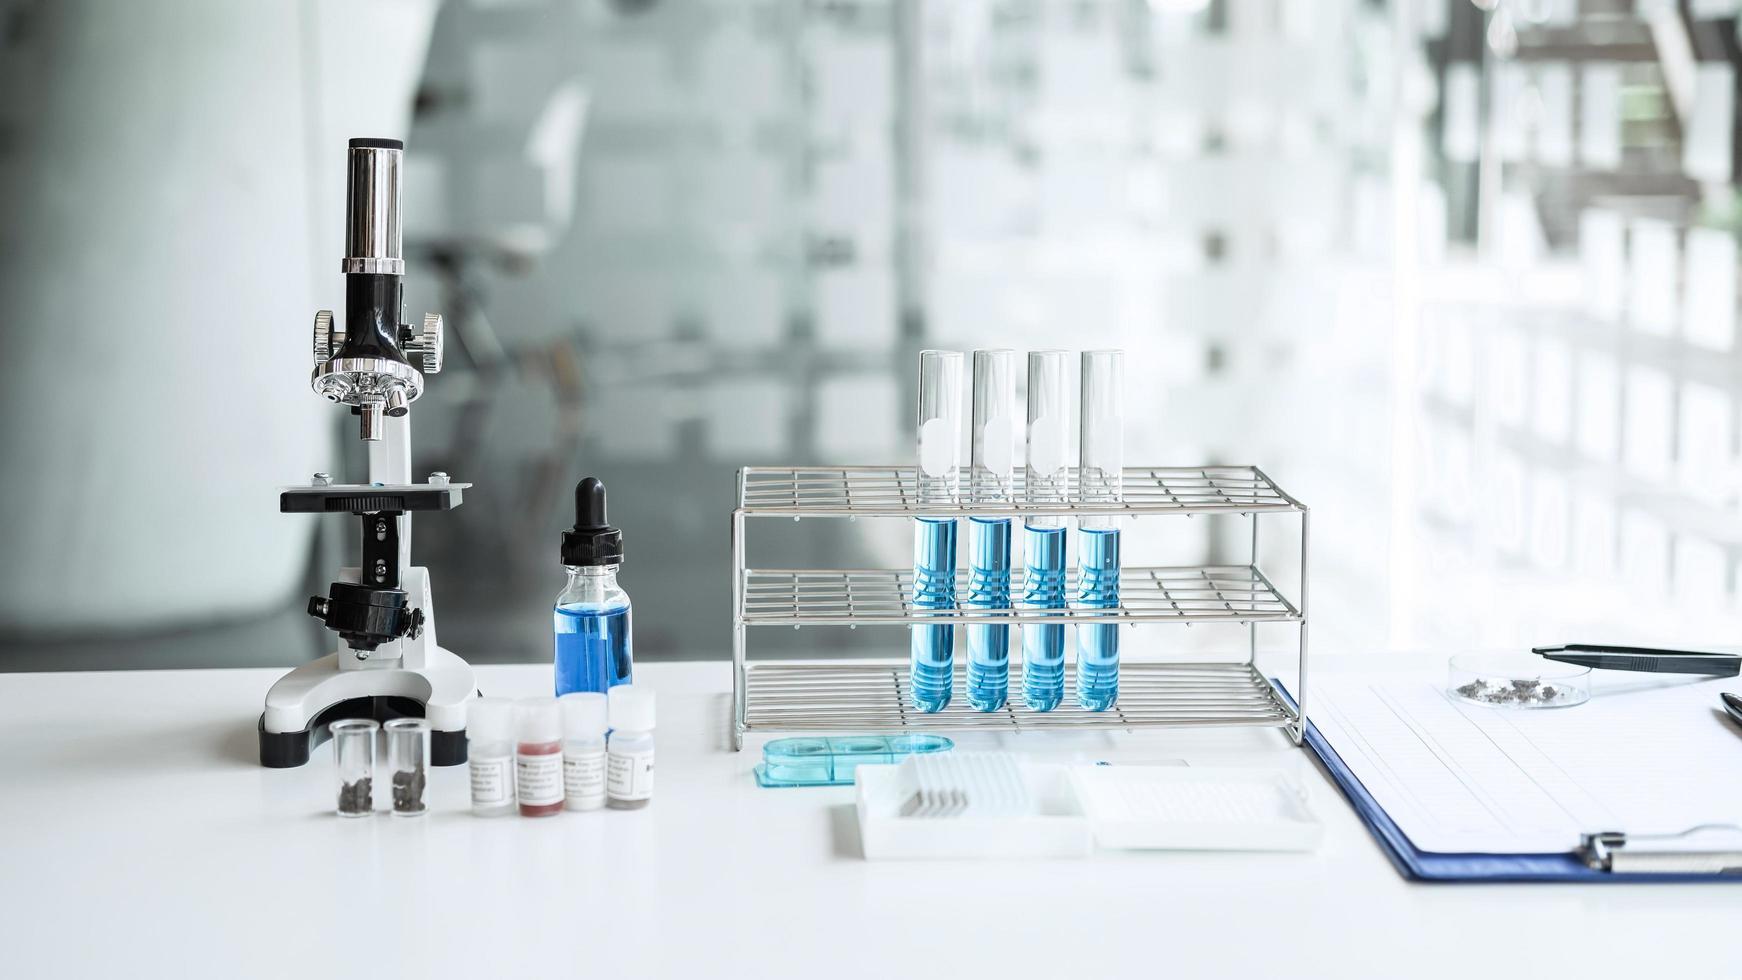 uma visão de um laboratório de ciências foto